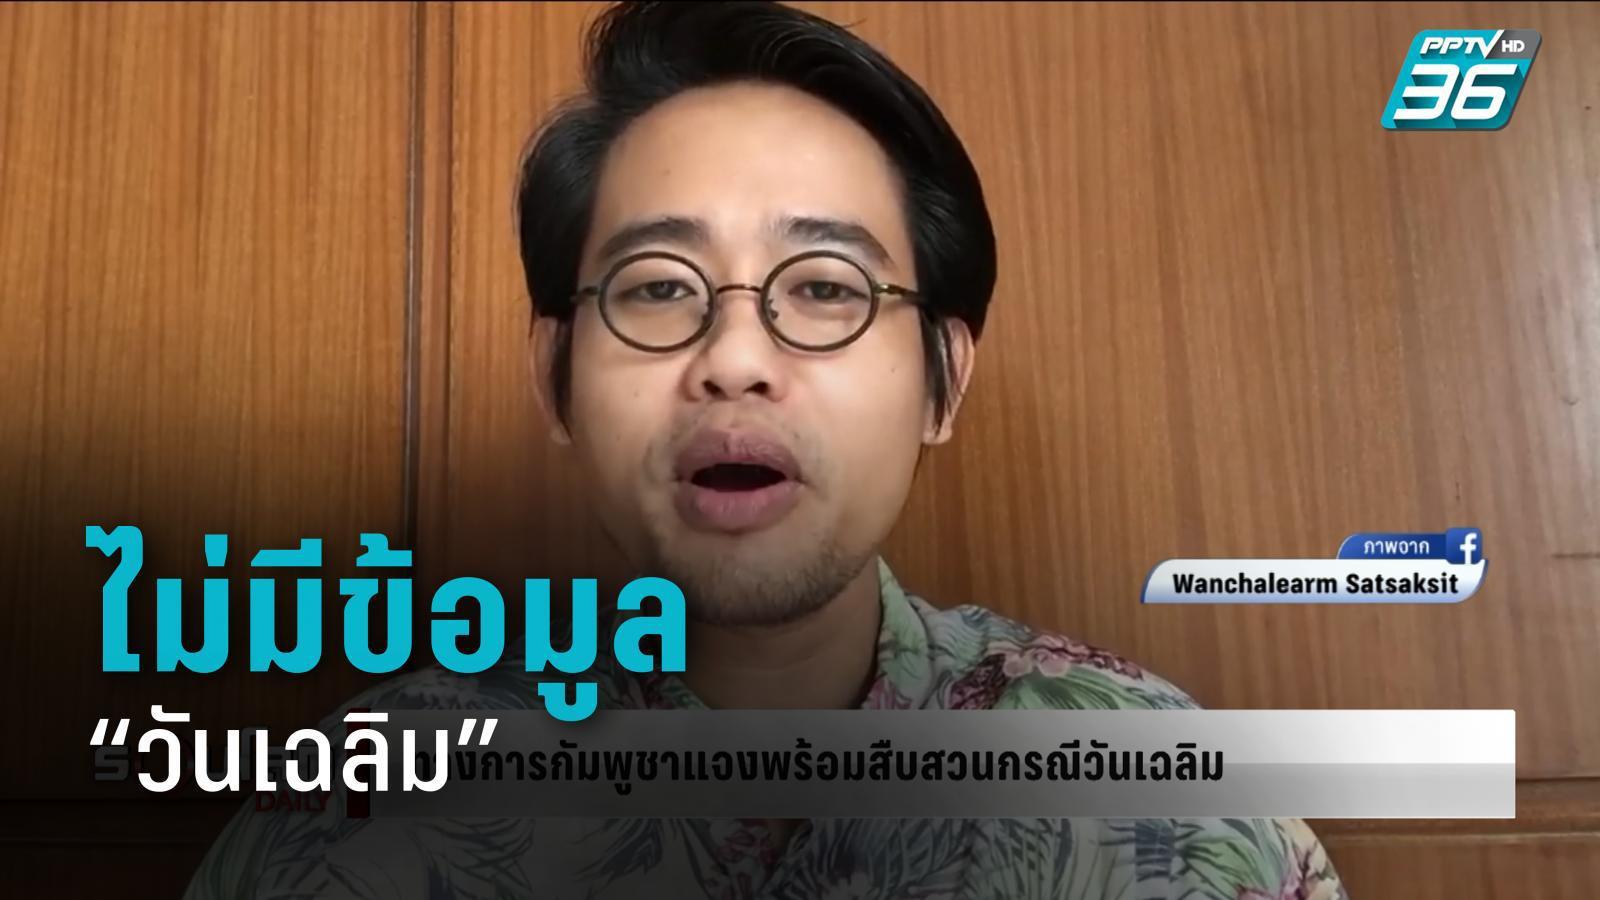 """ก.มหาดไทยกัมพูชา เผย ไม่มีข้อมูล """"วันเฉลิม"""" หลังวีซ่าขาดมา 3 ปี"""